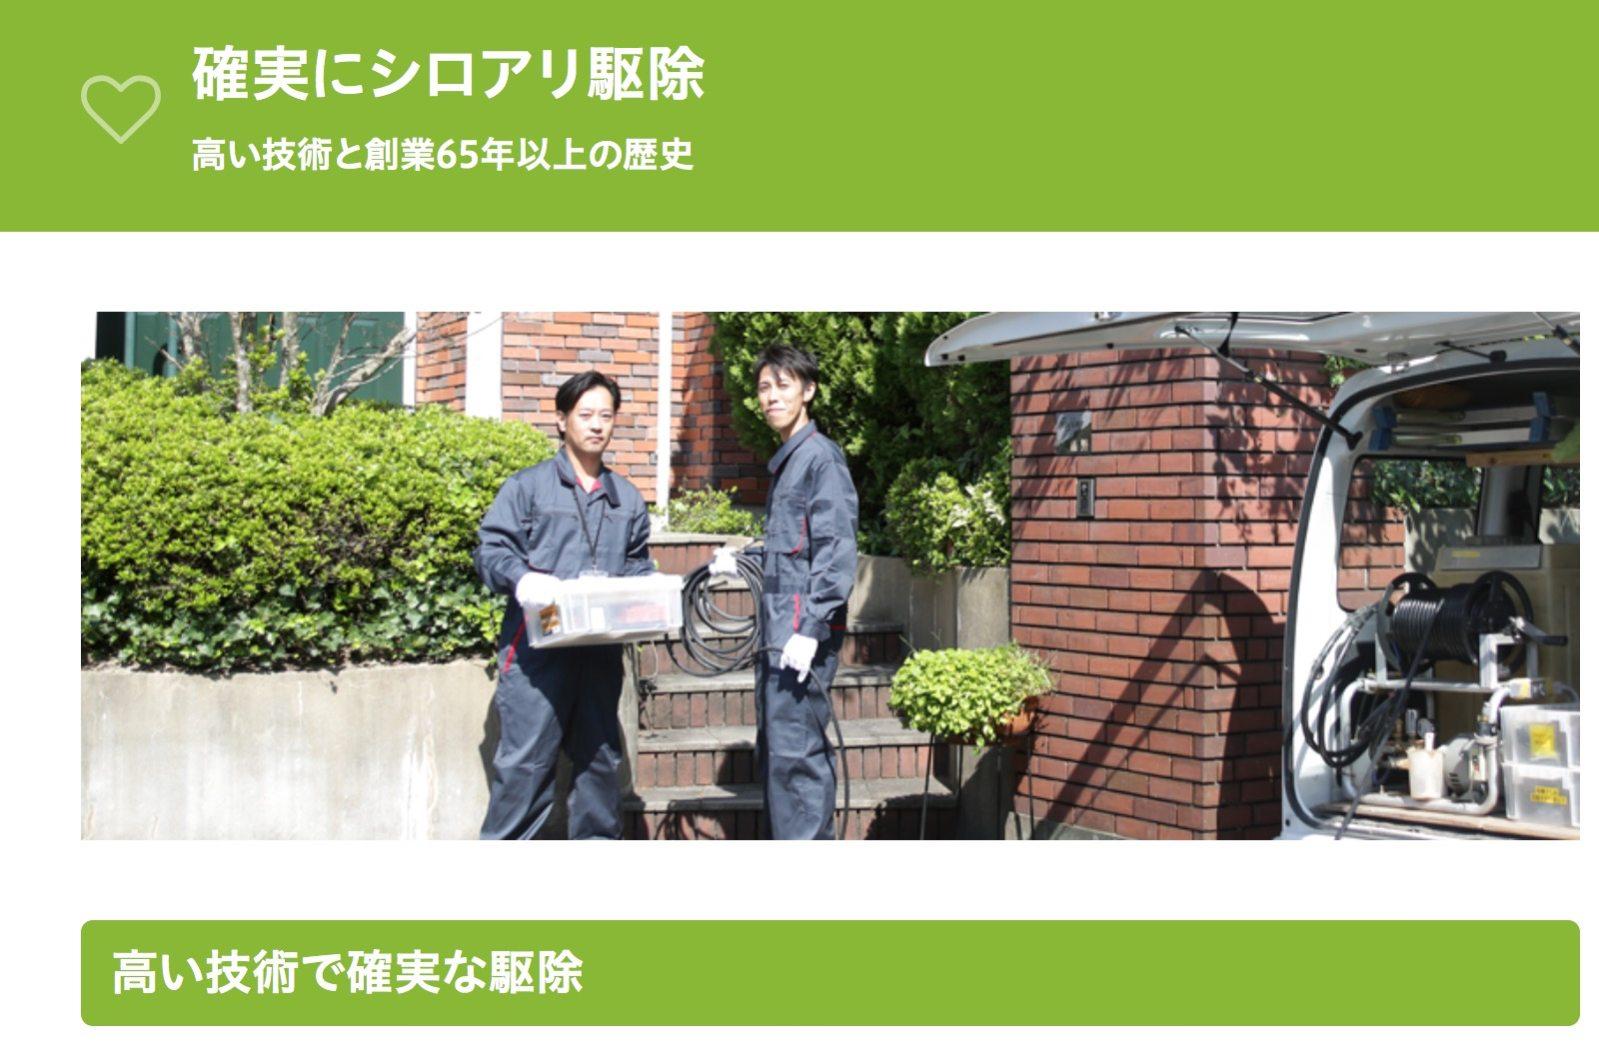 福岡市シロアリ駆除のアイエ株式会社の特徴